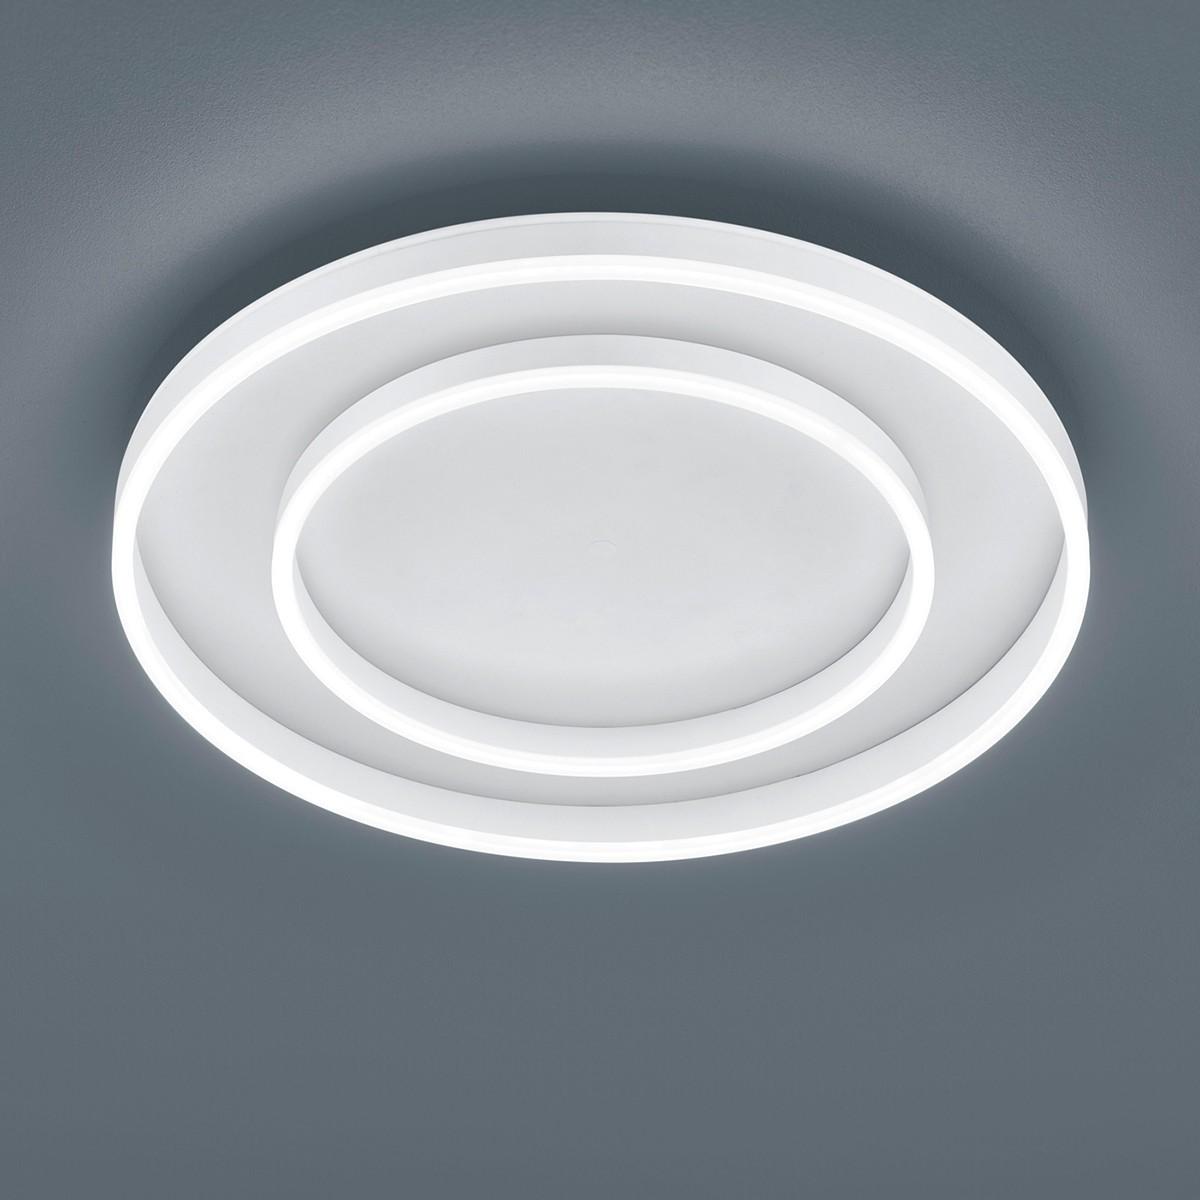 Helestra Sona Deckenleuchte, Ø: 59,5 cm, weiß matt